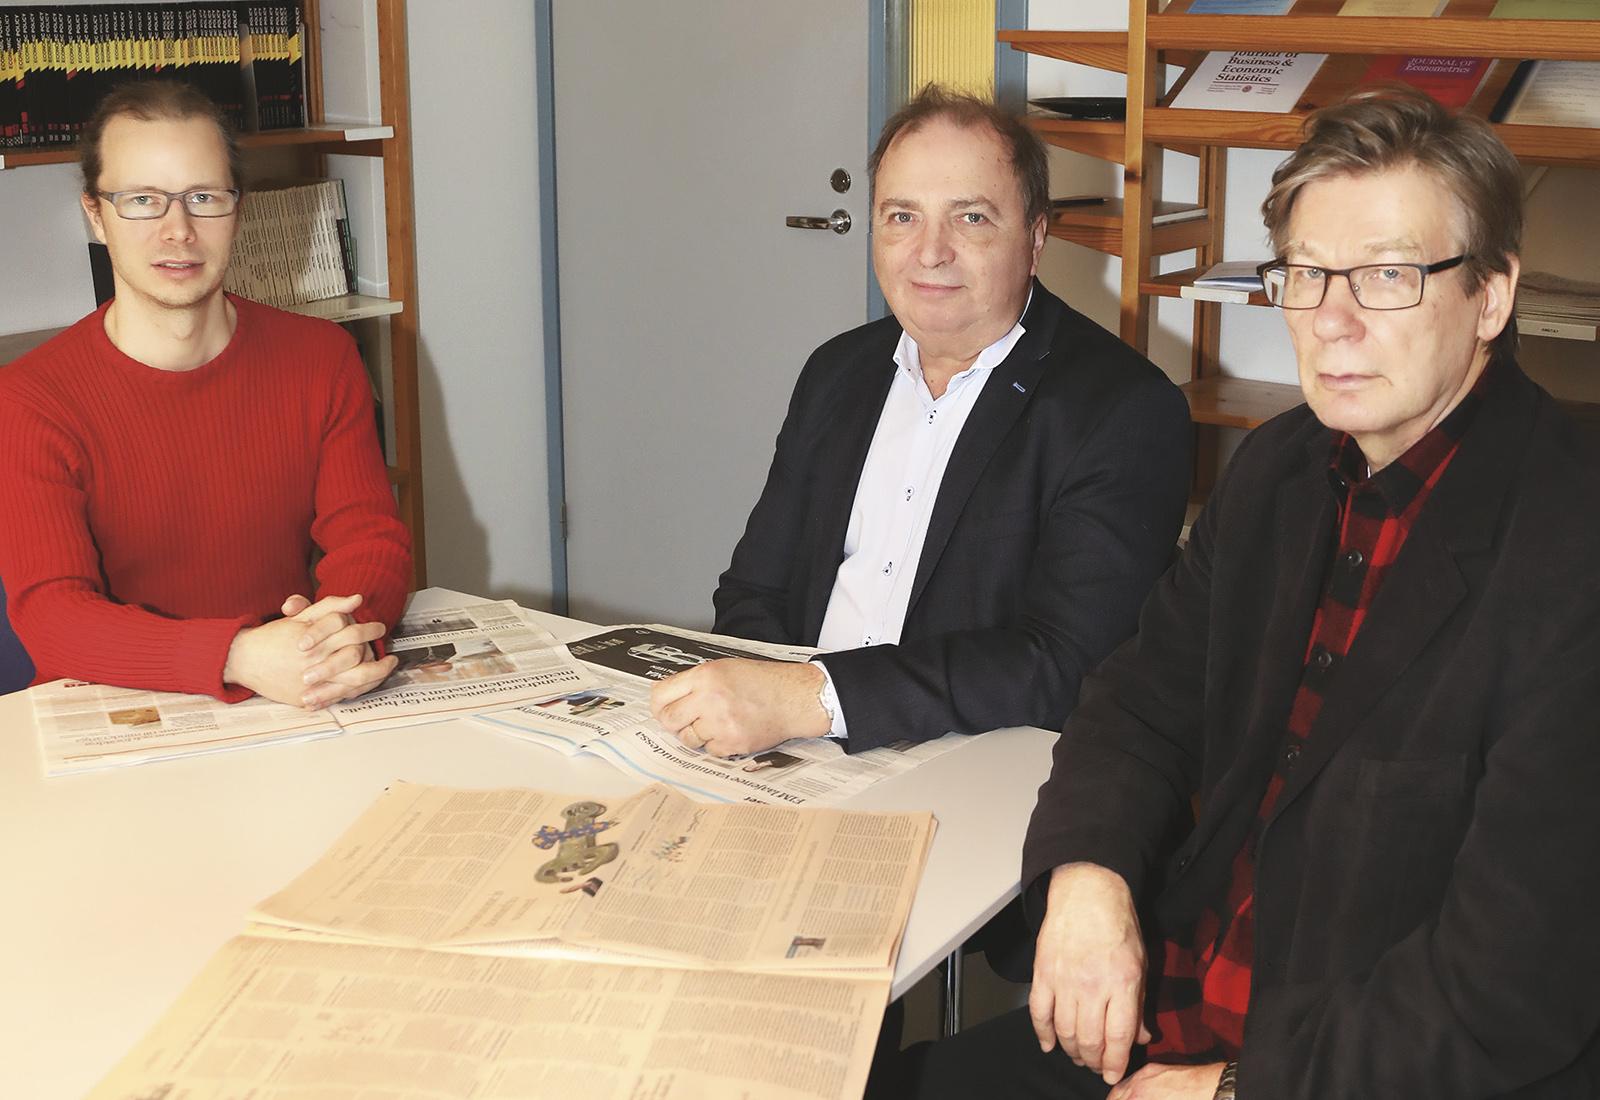 Pertti Haaparanta, Ohto Kanninen, Heikki Taimio